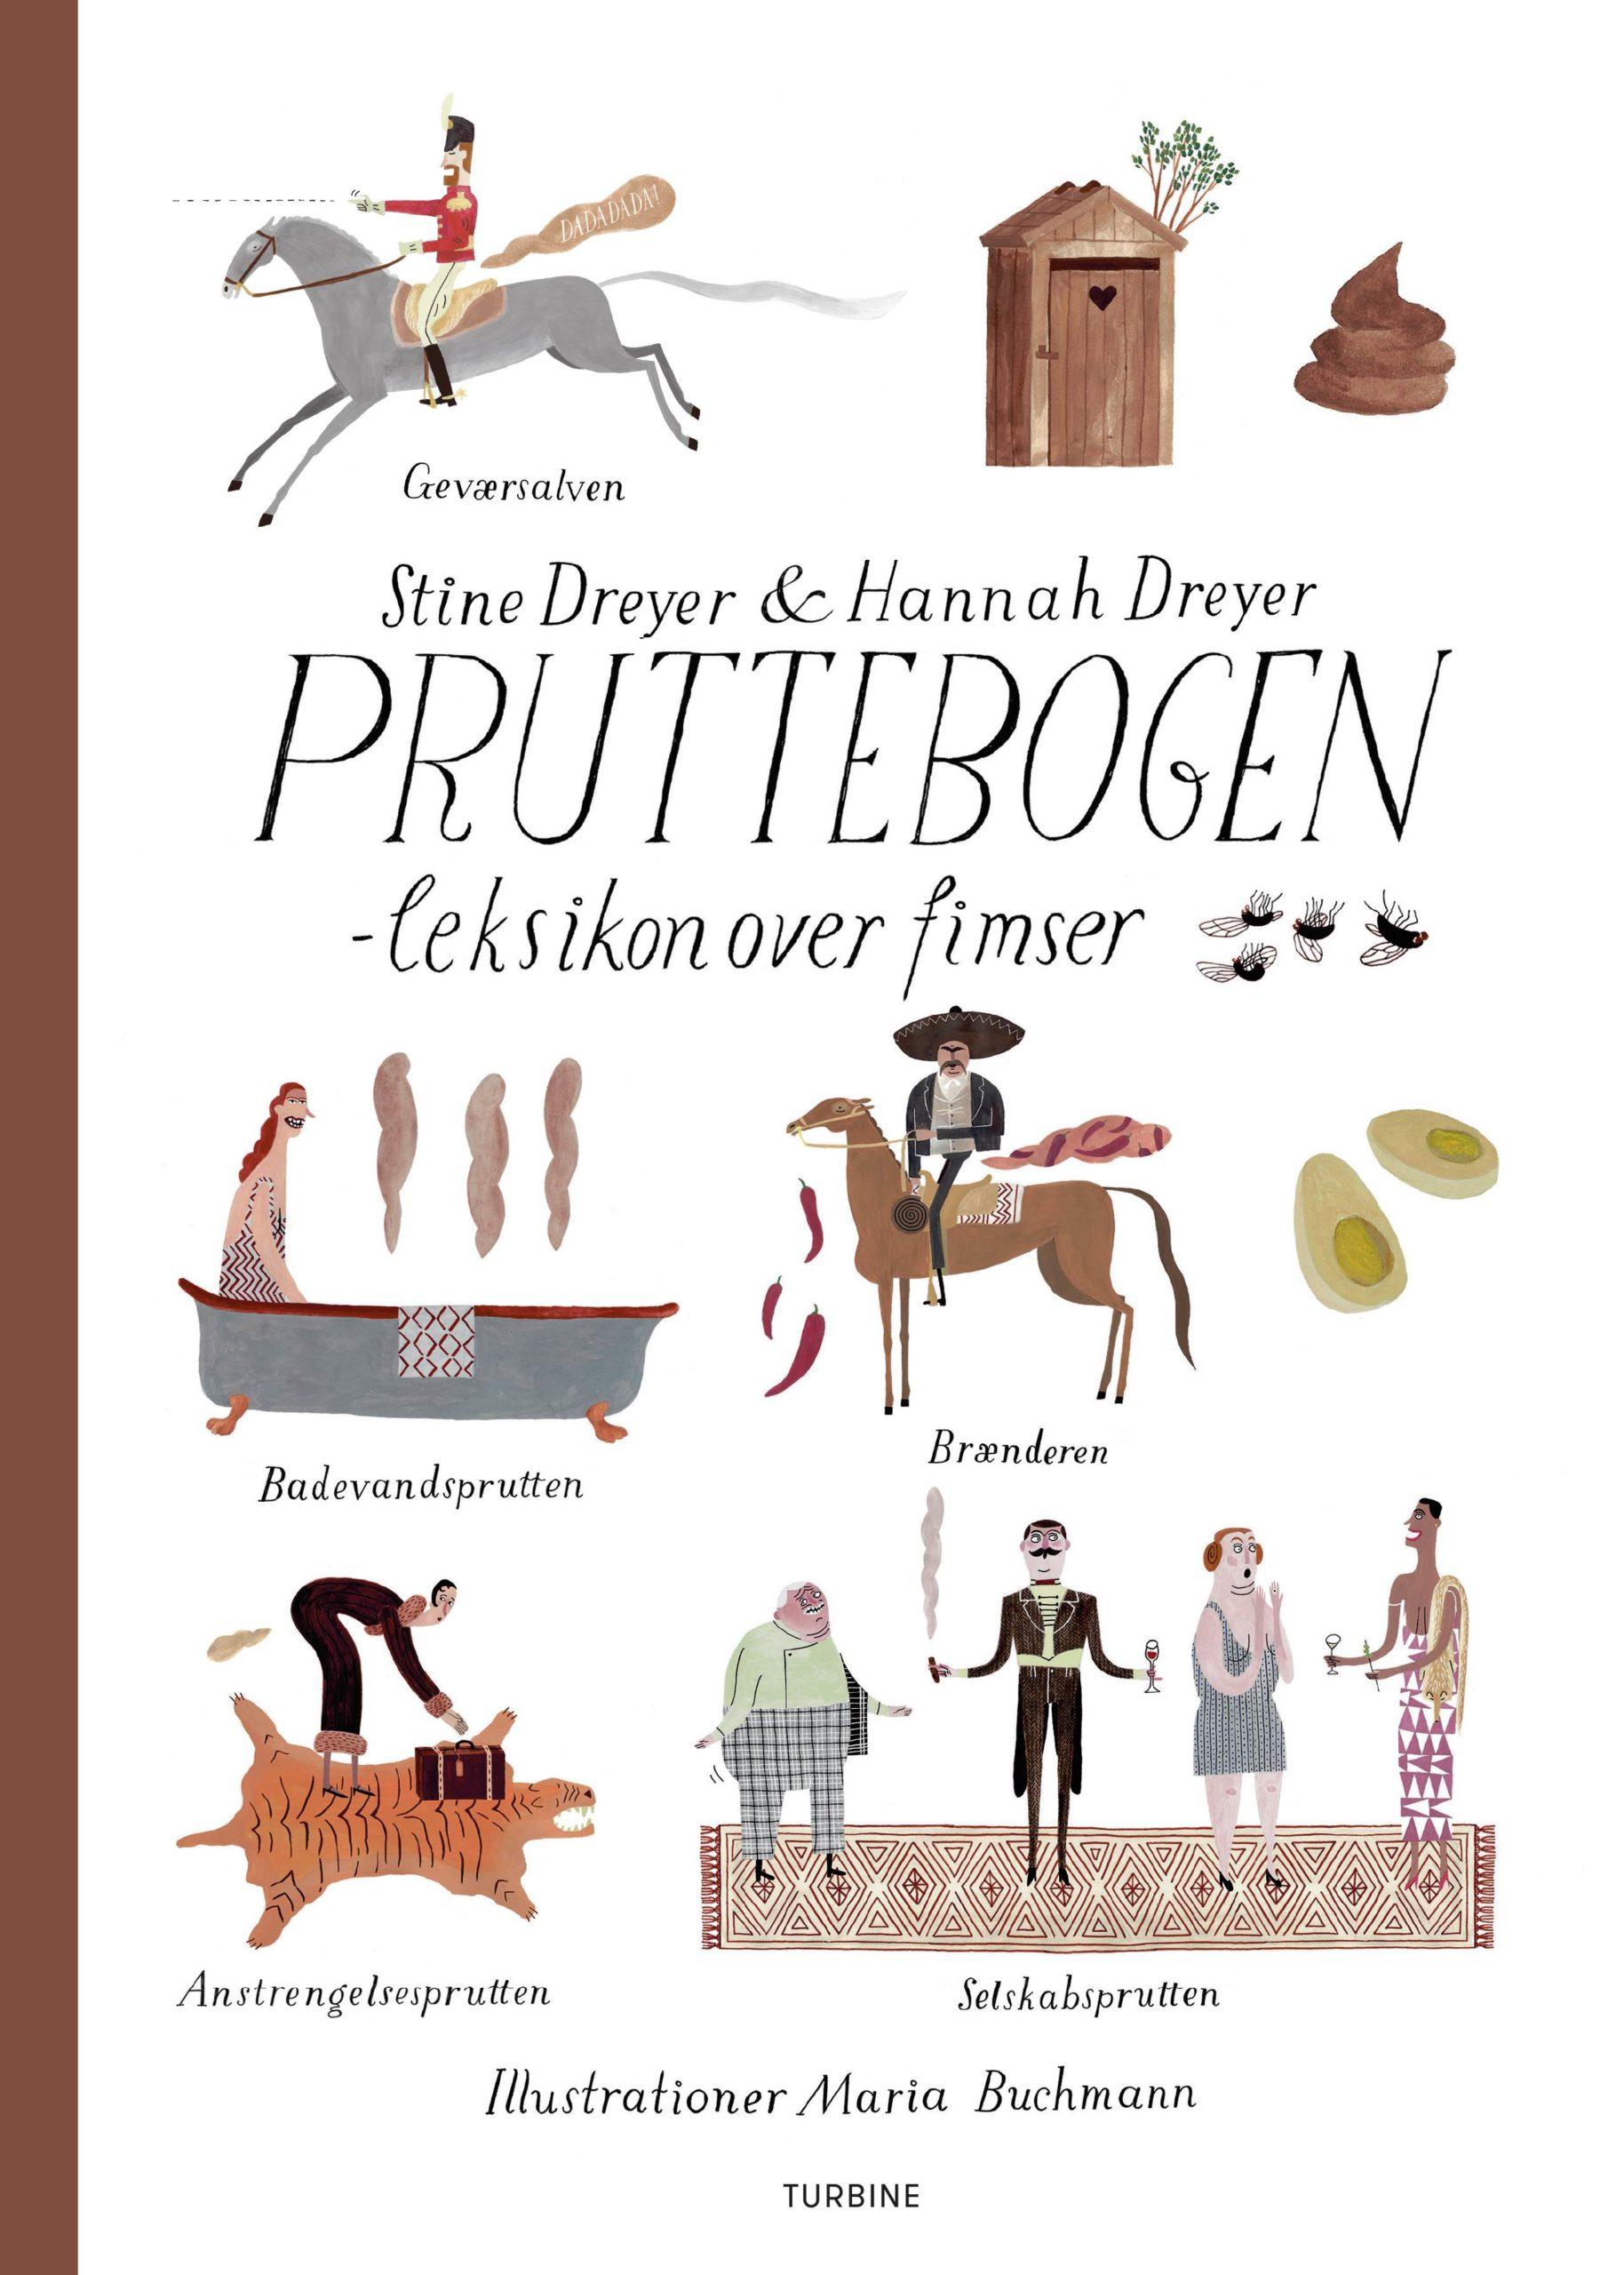 Pruttebogen – leksikon over fimser